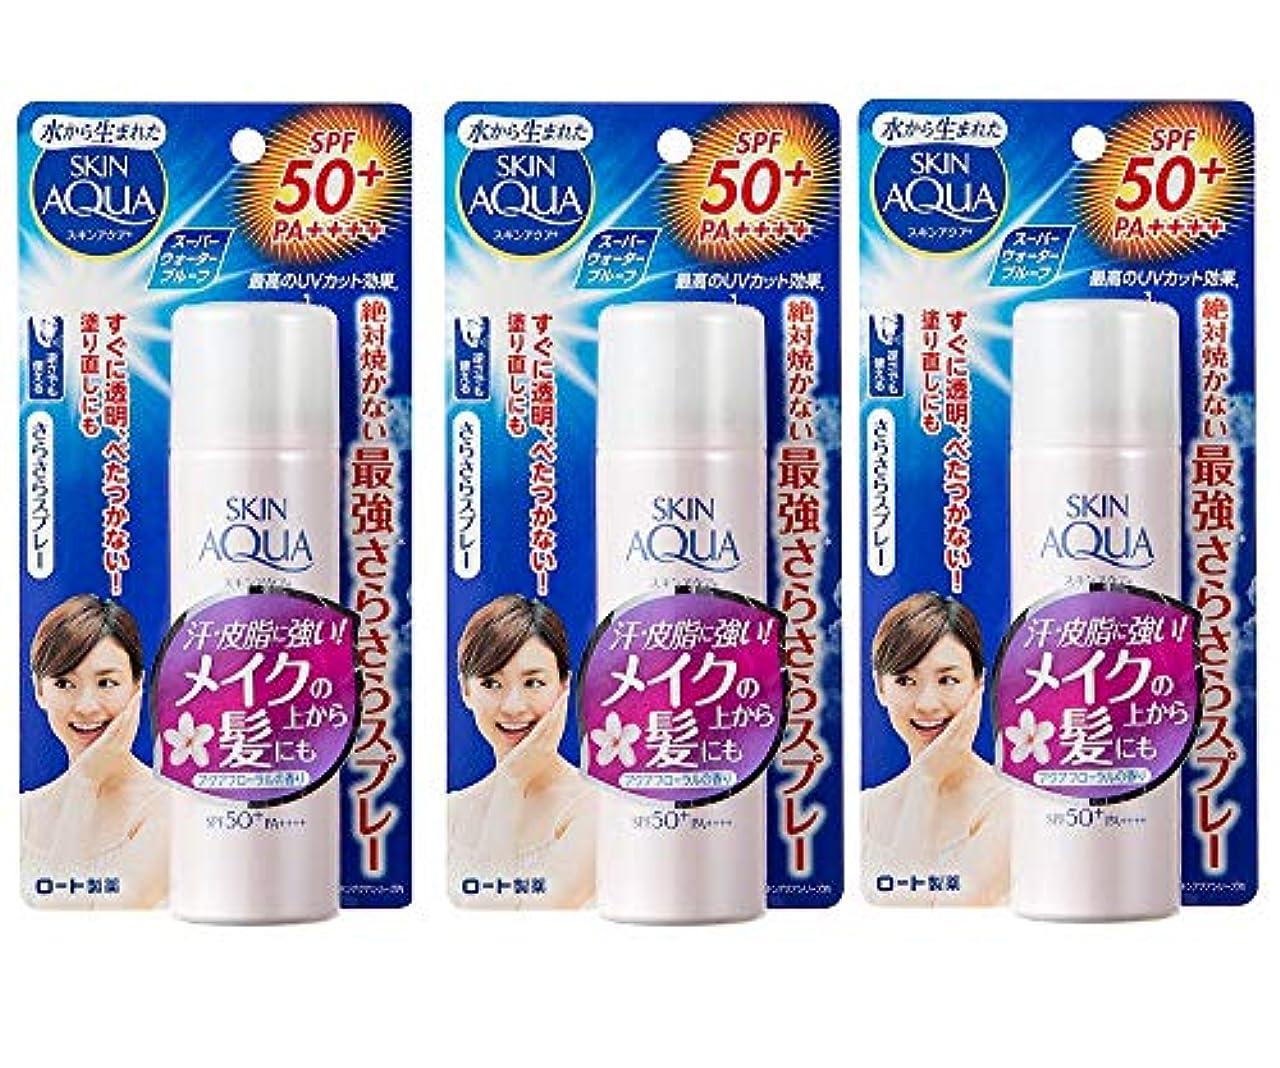 最大限アクセシブル温かい(ロート)スキンアクア サラフィットUV さらさらスプレー(SPF50+/PA++++)アクアフローラルの香り50g(お買い得3個セット)